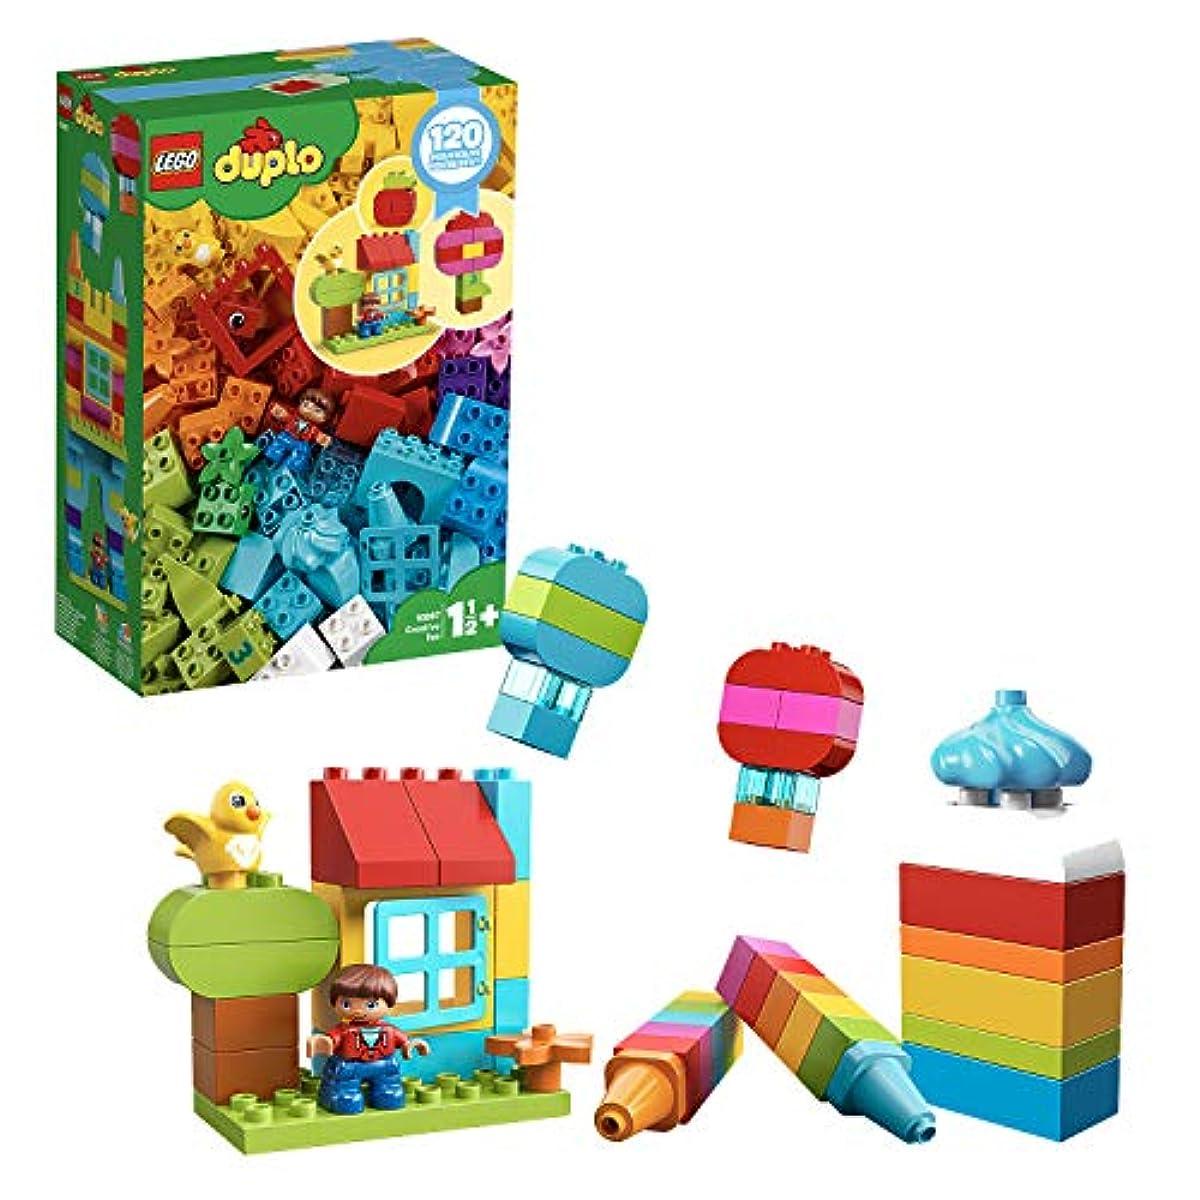 [해외] 레고(LEGO) 블럭 장난감 듀플로우 여러가지 아이디어 박스<DX> 10887 교육 완구 블럭 장난감 사내 아이